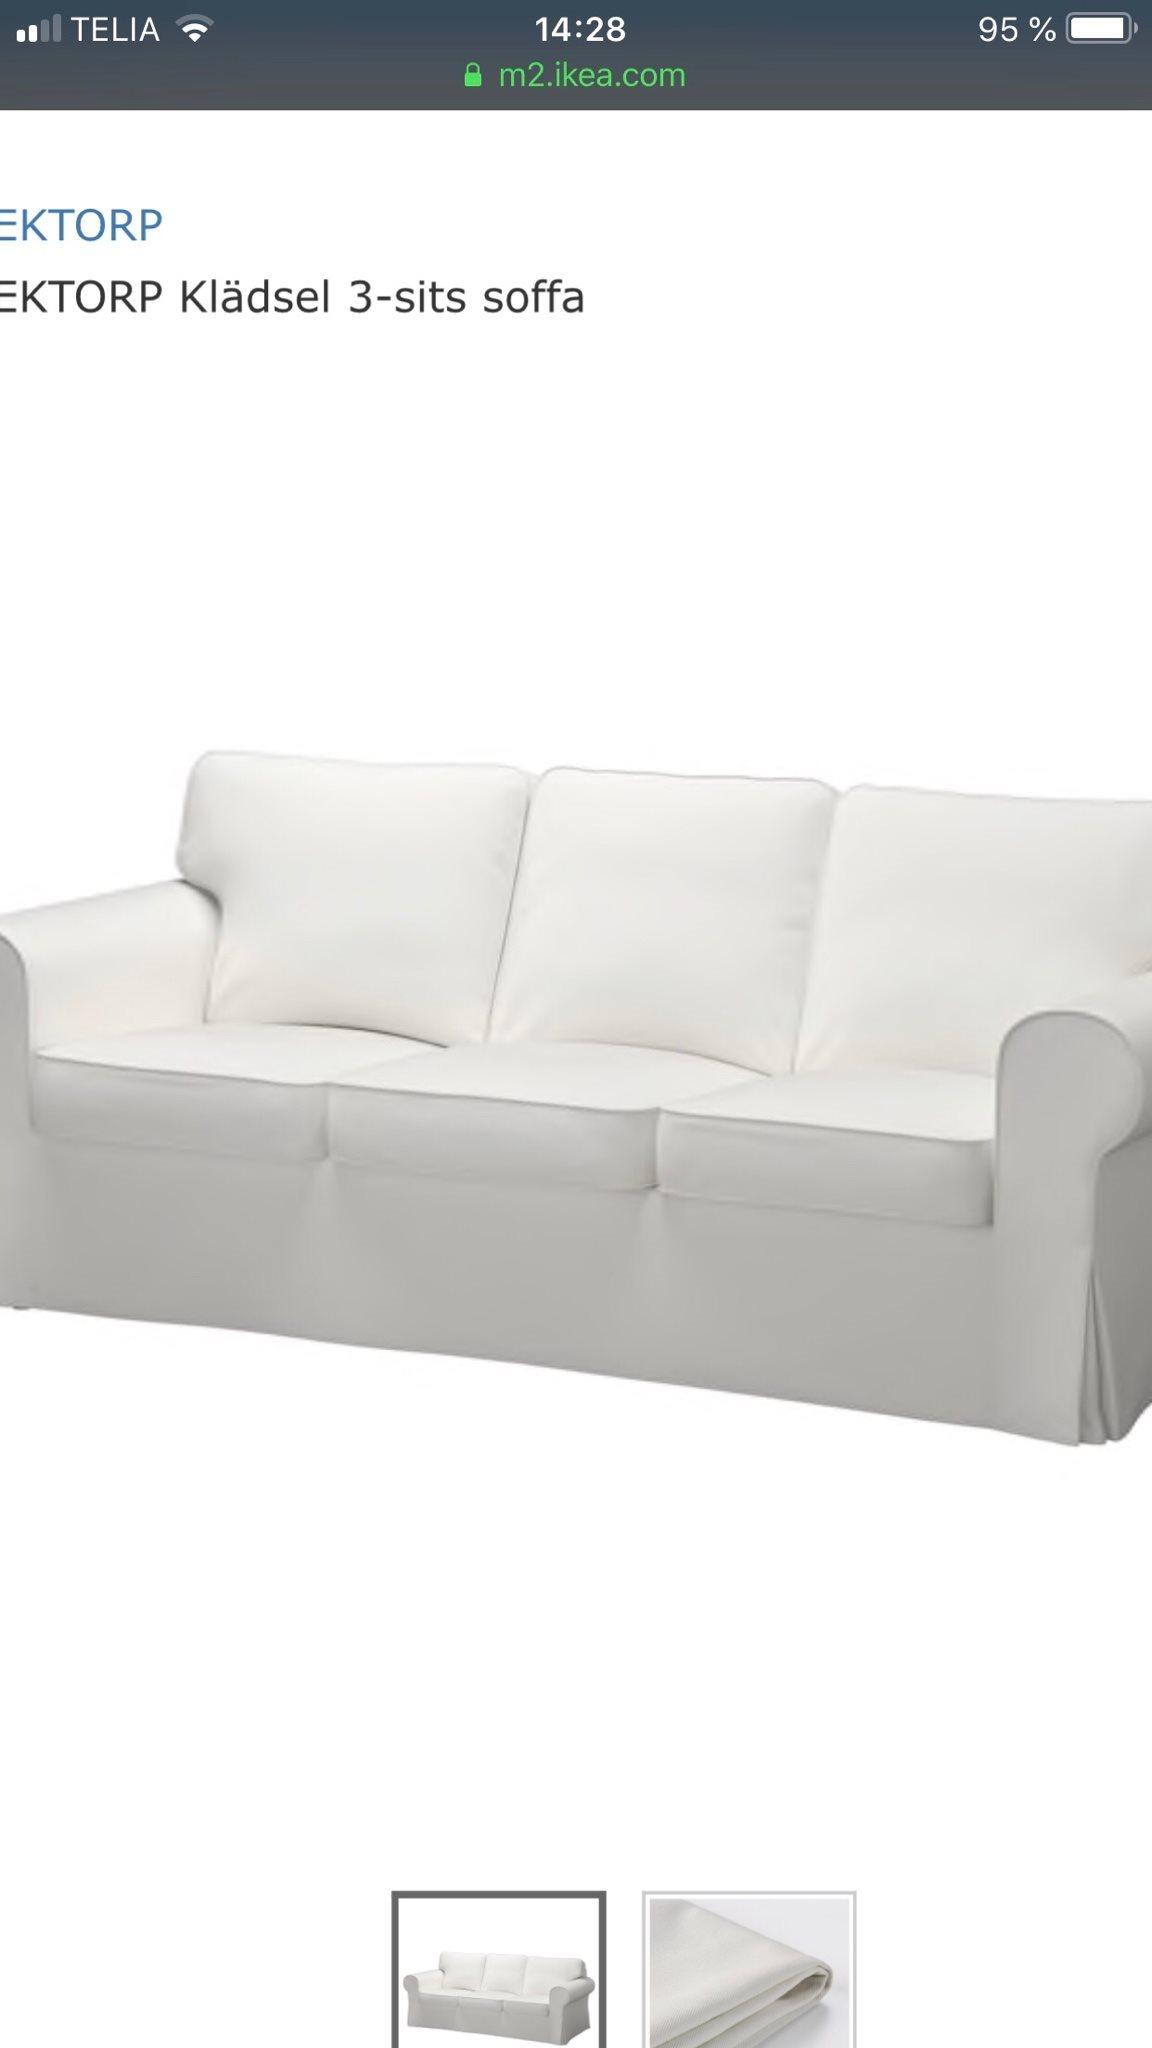 Overdragsklader Ikea Eketorp 3 Sits Helt Ny 325218644 ᐈ Kop